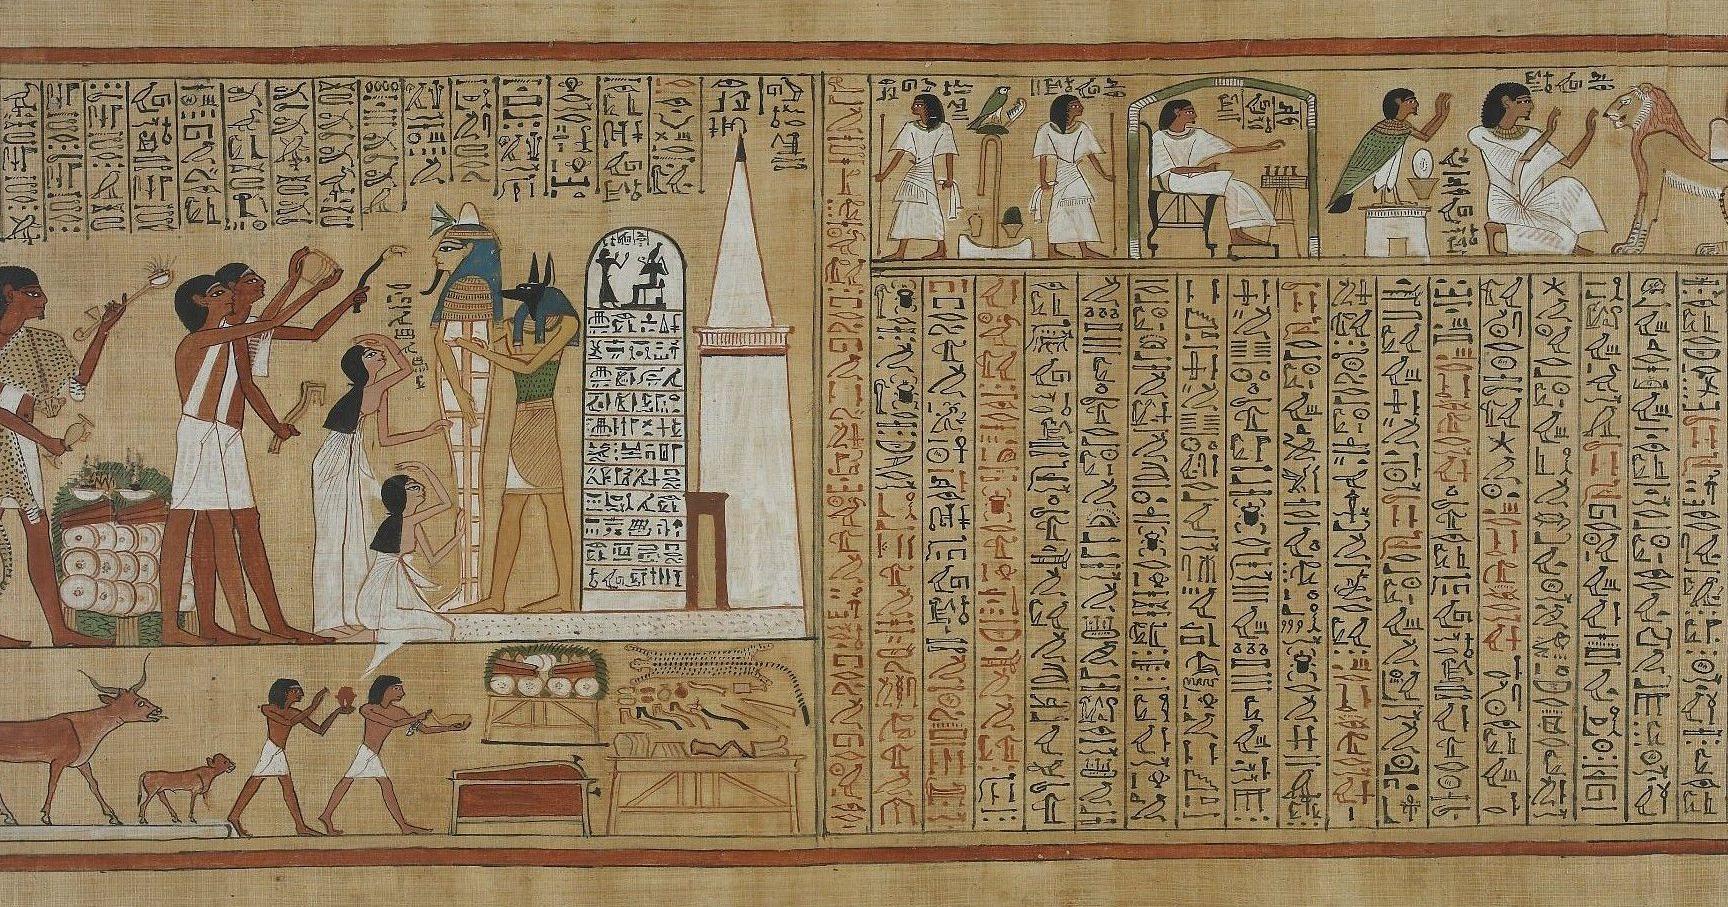 Lịch sử truyền thông thị giác | Kì 2: Khi biểu tượng và chữ viết giao thoa